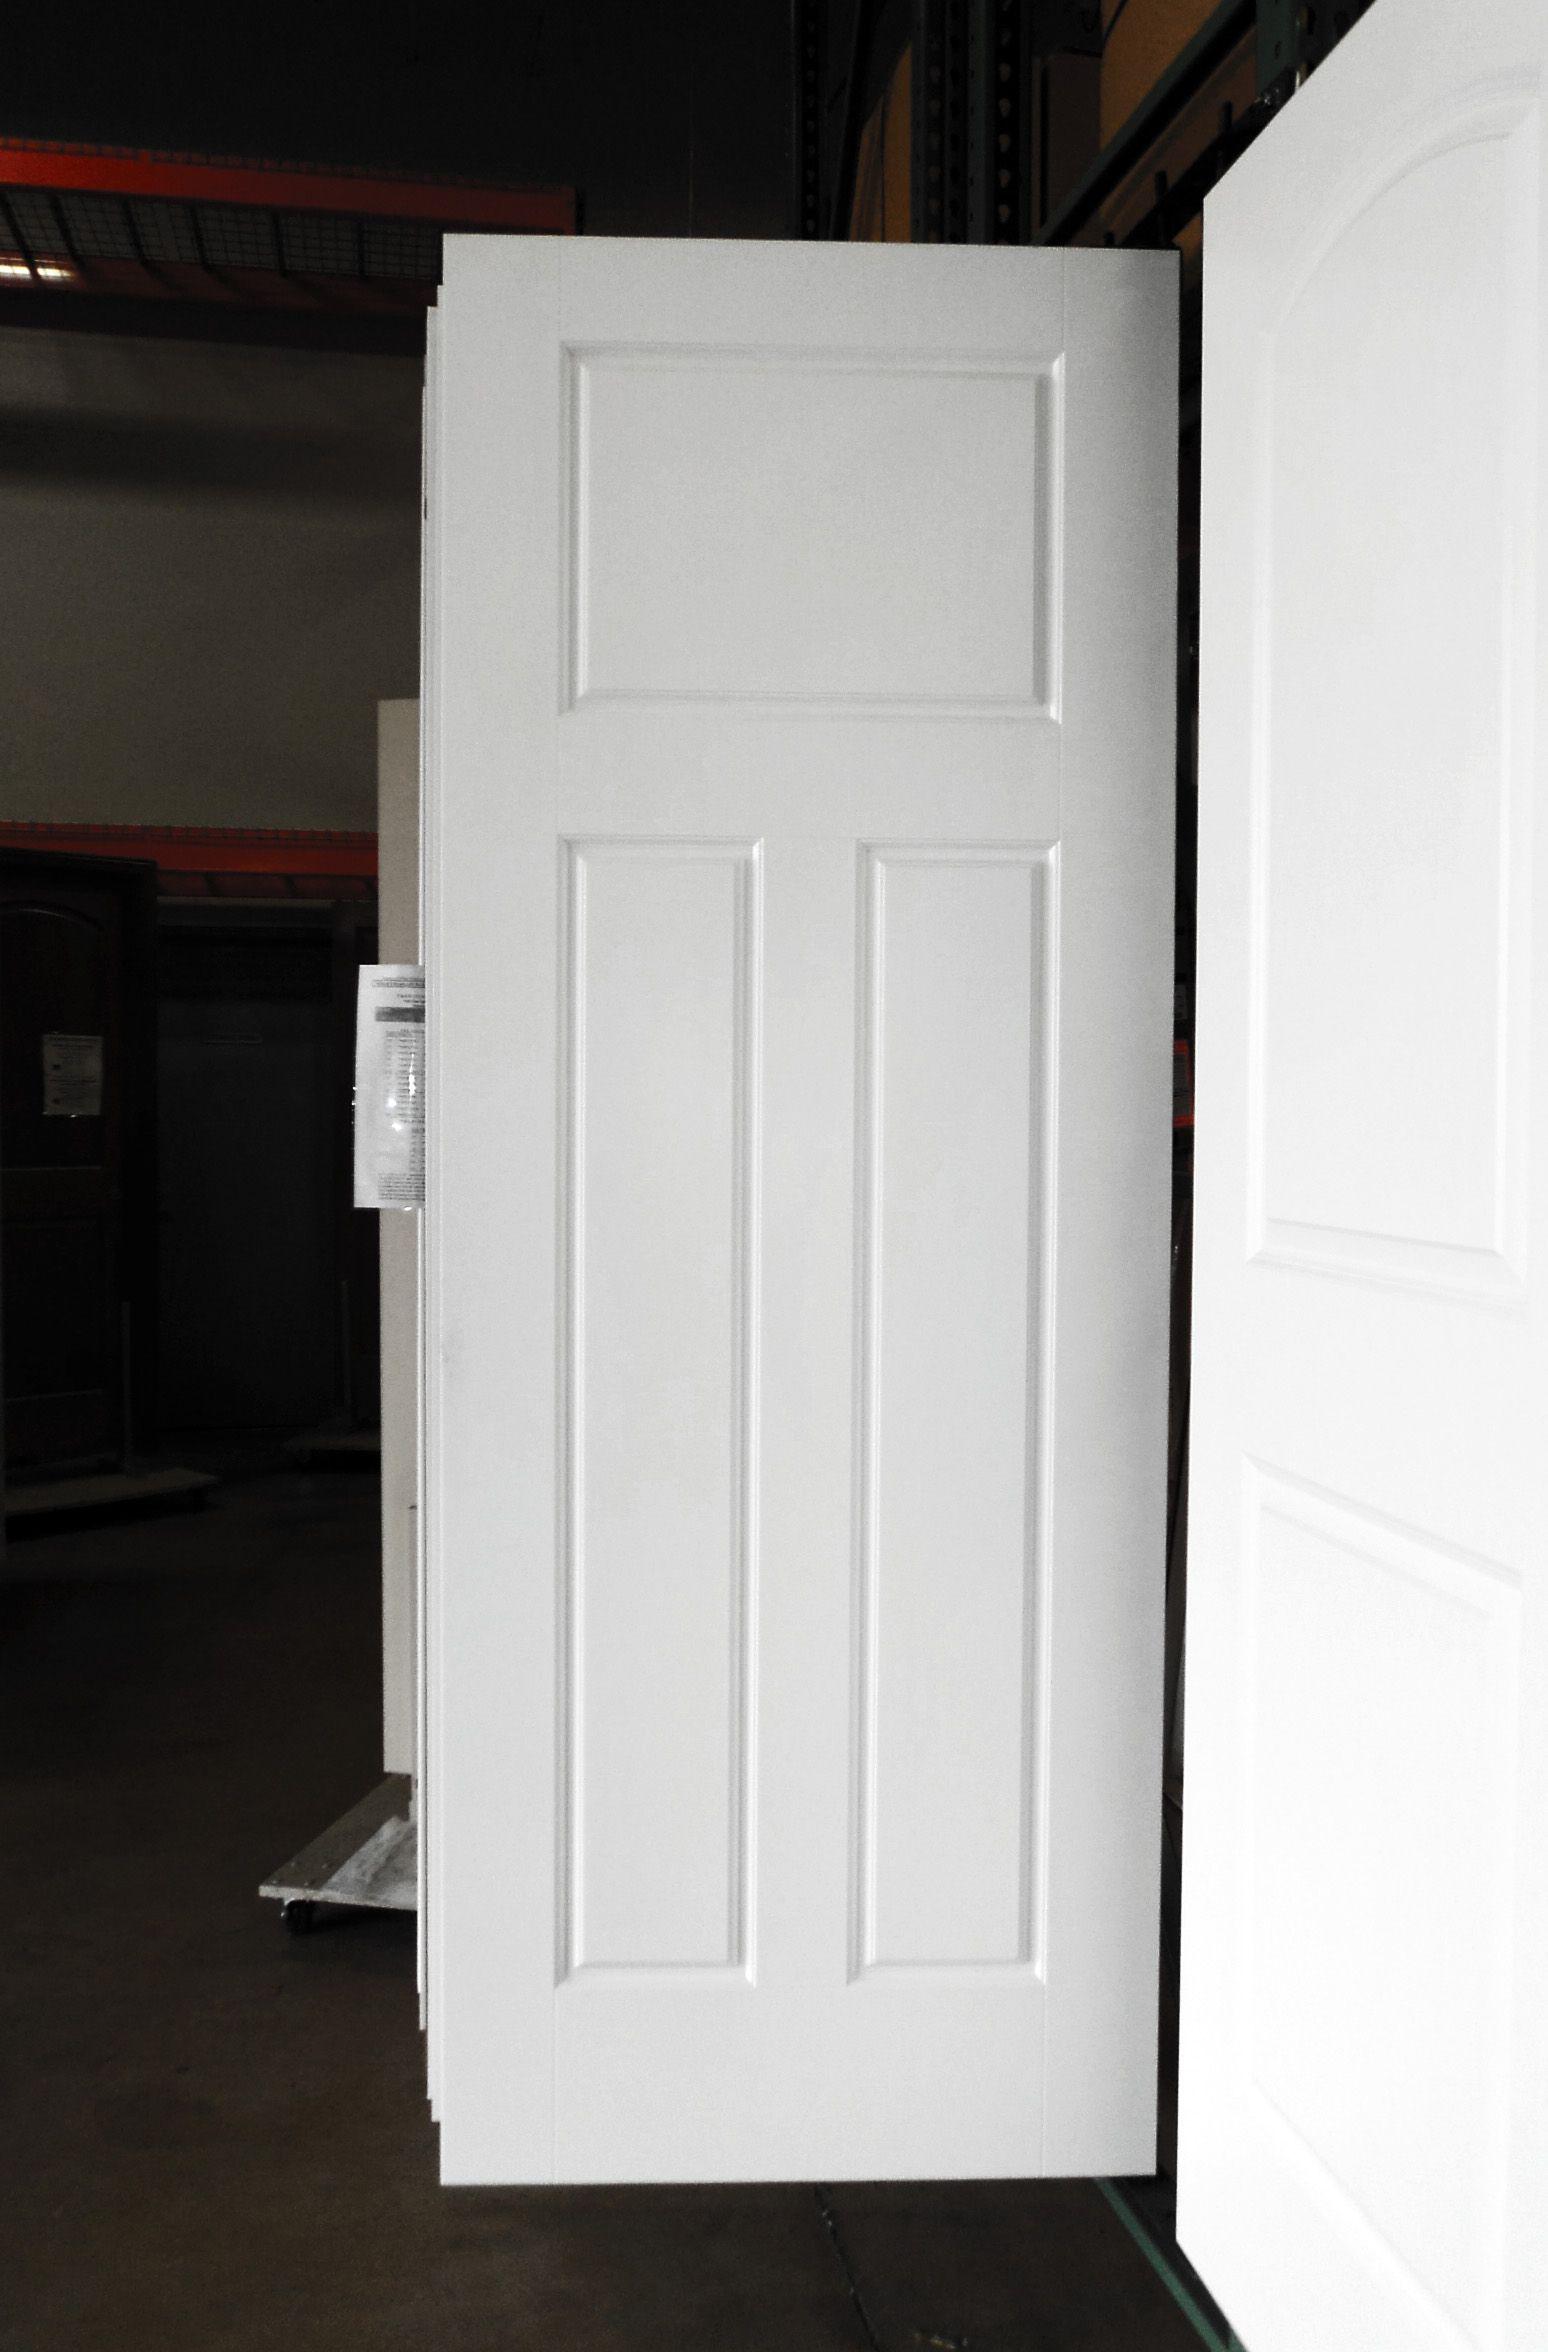 Norm S Bargain Barn Interior Design Institute Hollow Core Interior Doors Windows And Doors